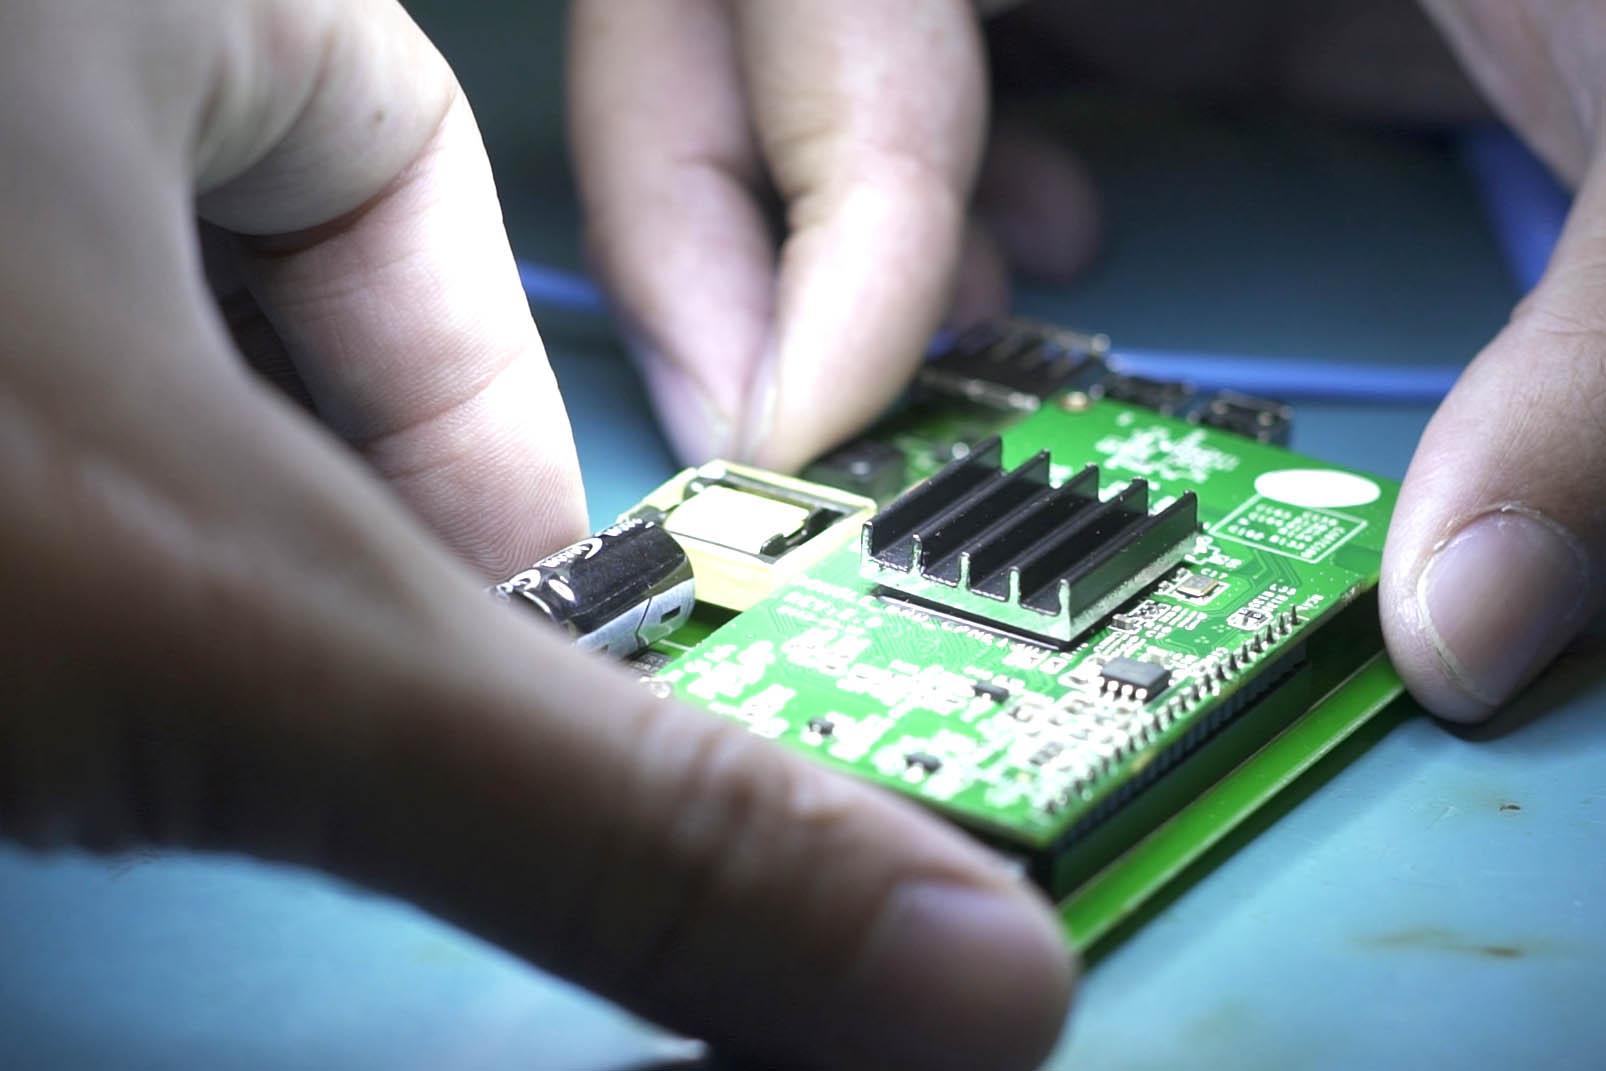 Placas de circuito impresso prontas para montagem final